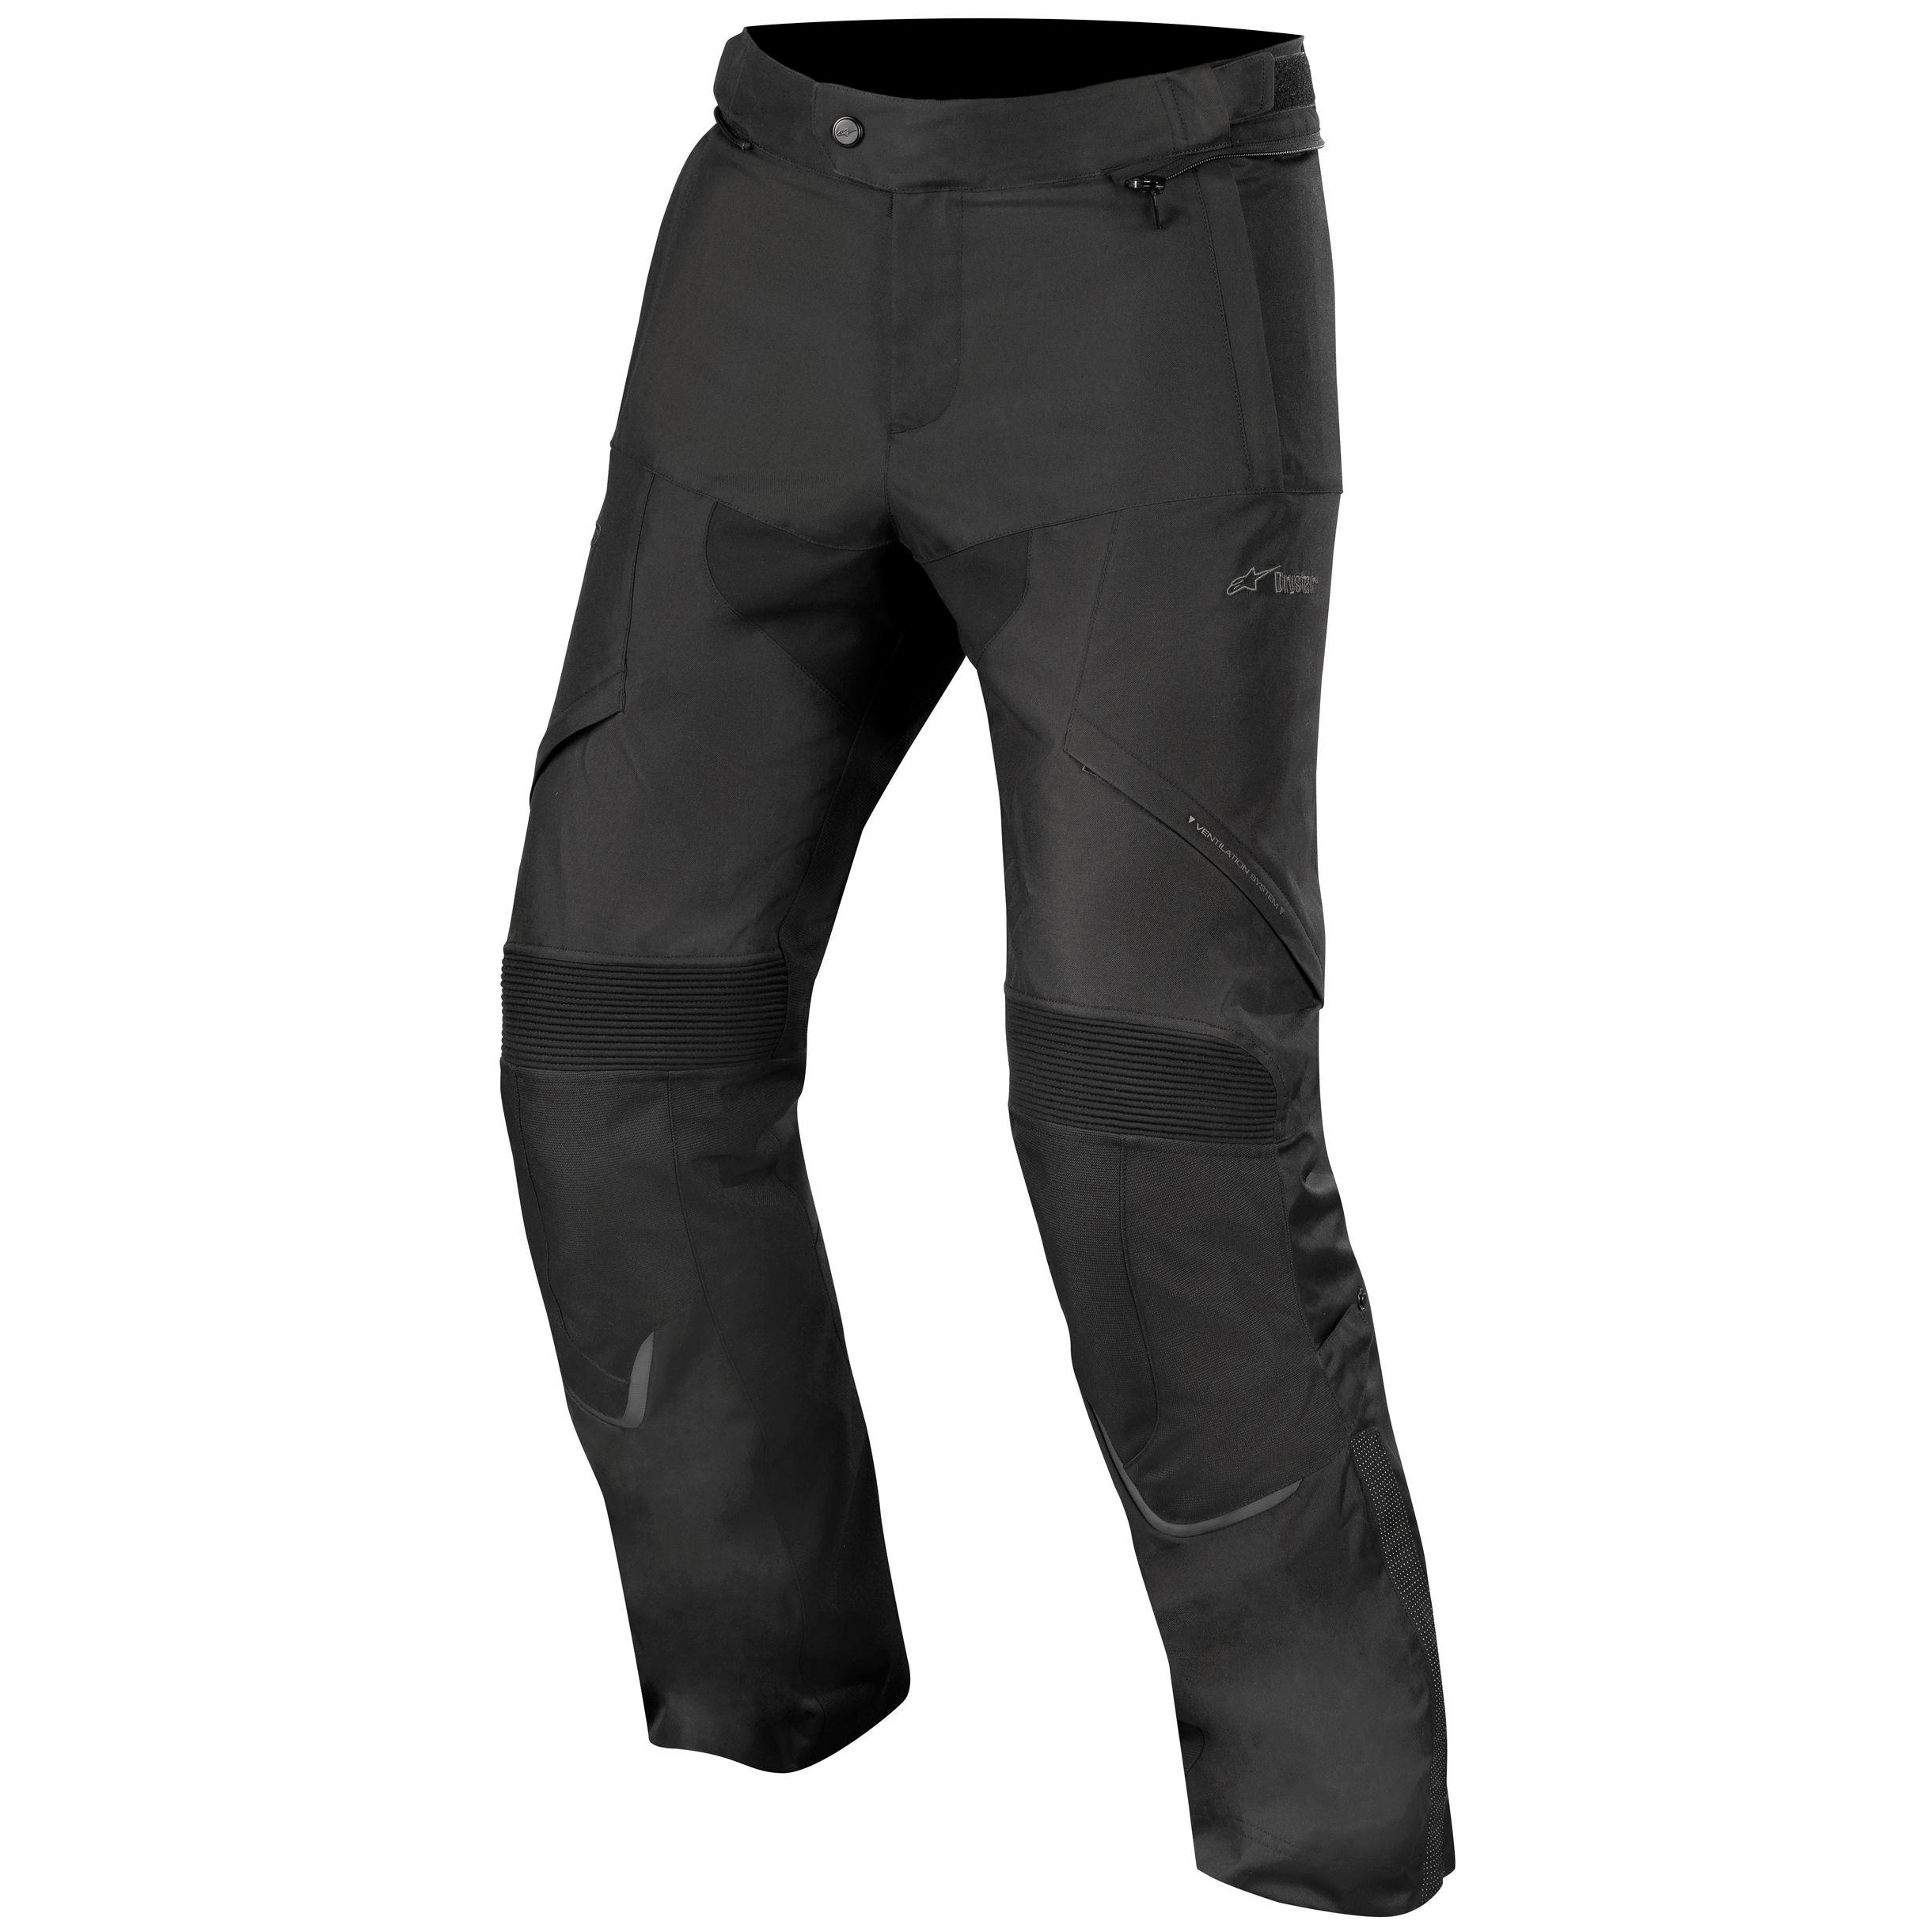 Pantalon Alpinestars Hyper Drystar